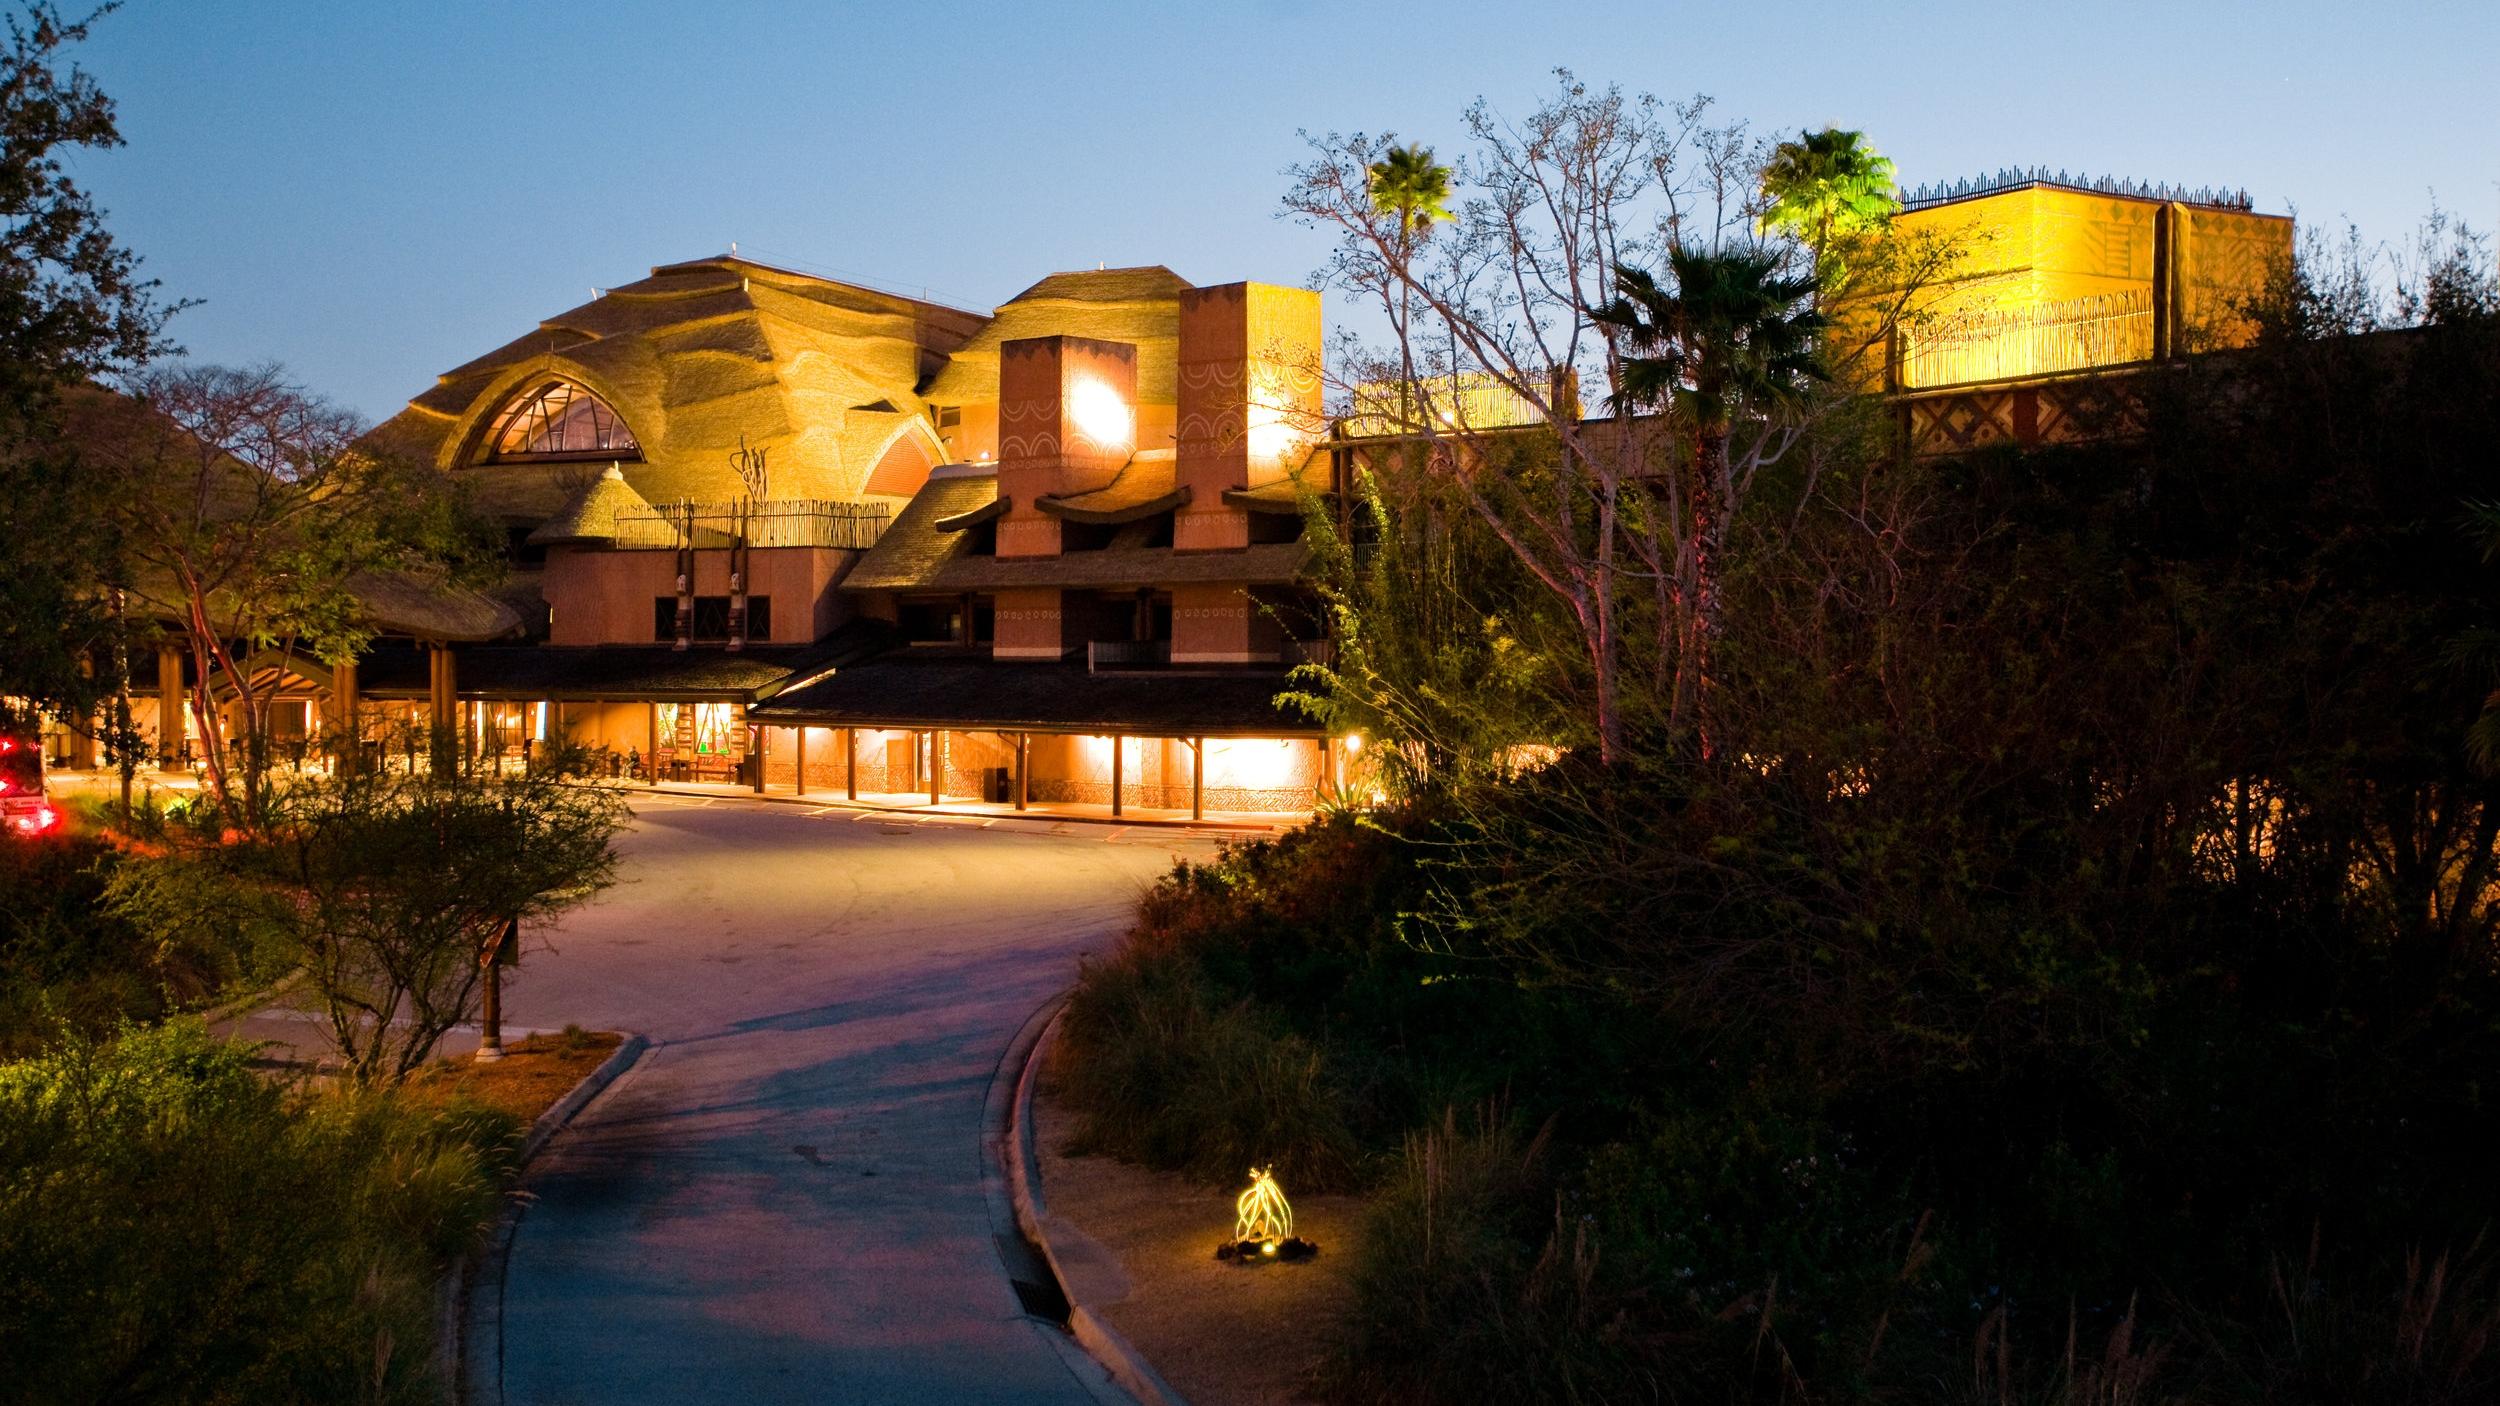 Disney's Animal Kingdom Lodge - ¿Quieres conocer sus habitaciones?